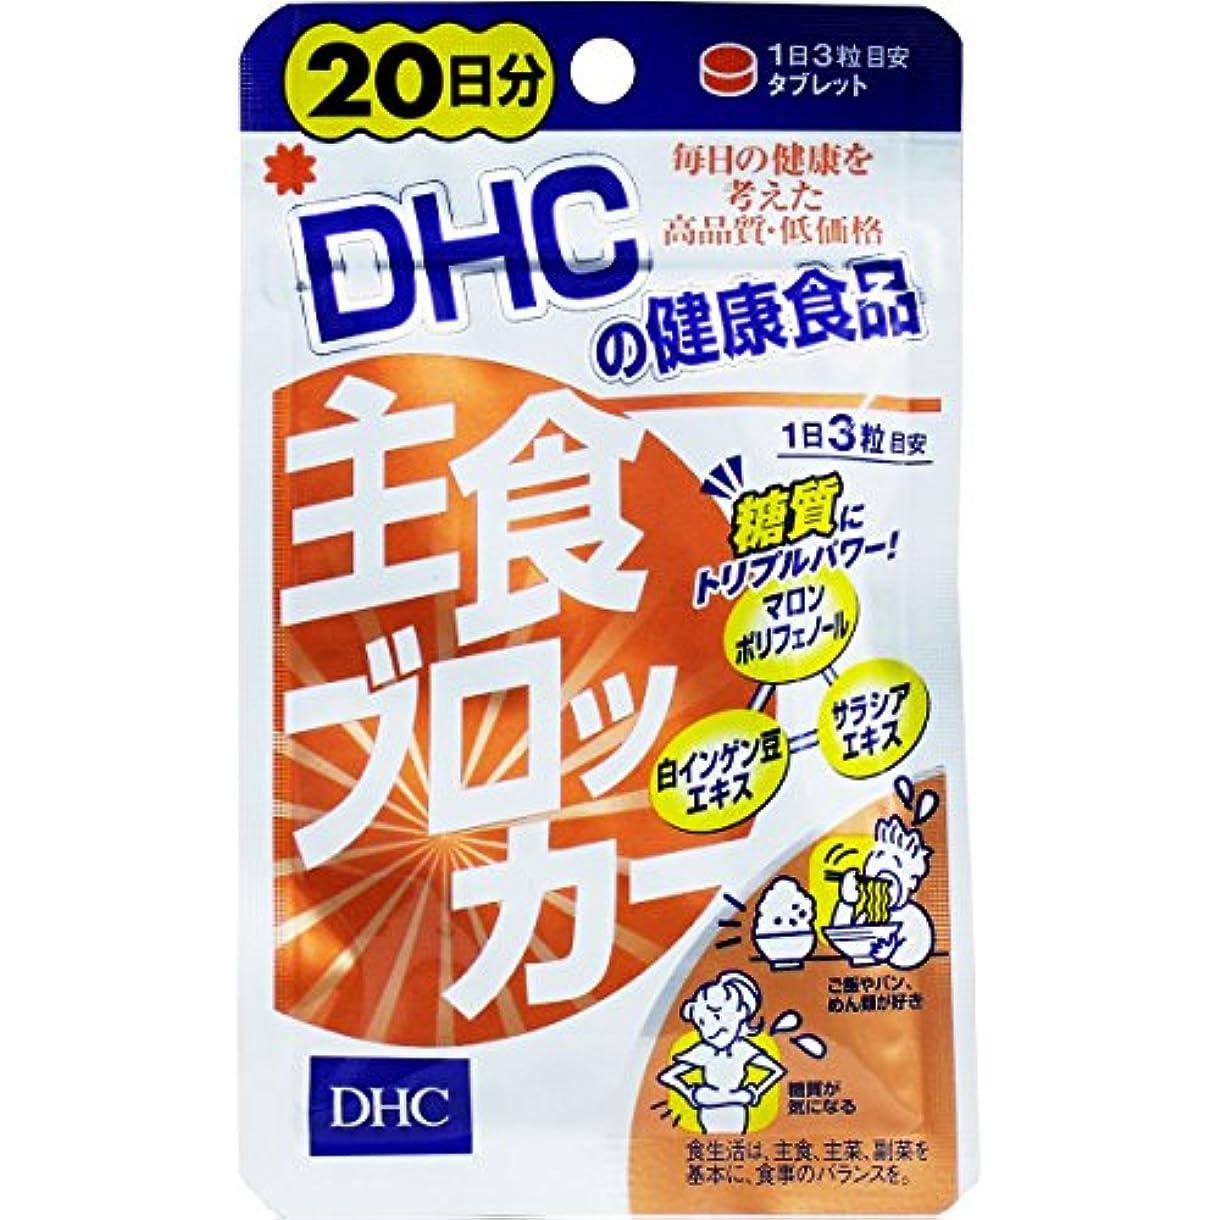 マウスピースイノセンス蒸発する【DHC】主食ブロッカー 20日分 60粒 ×10個セット